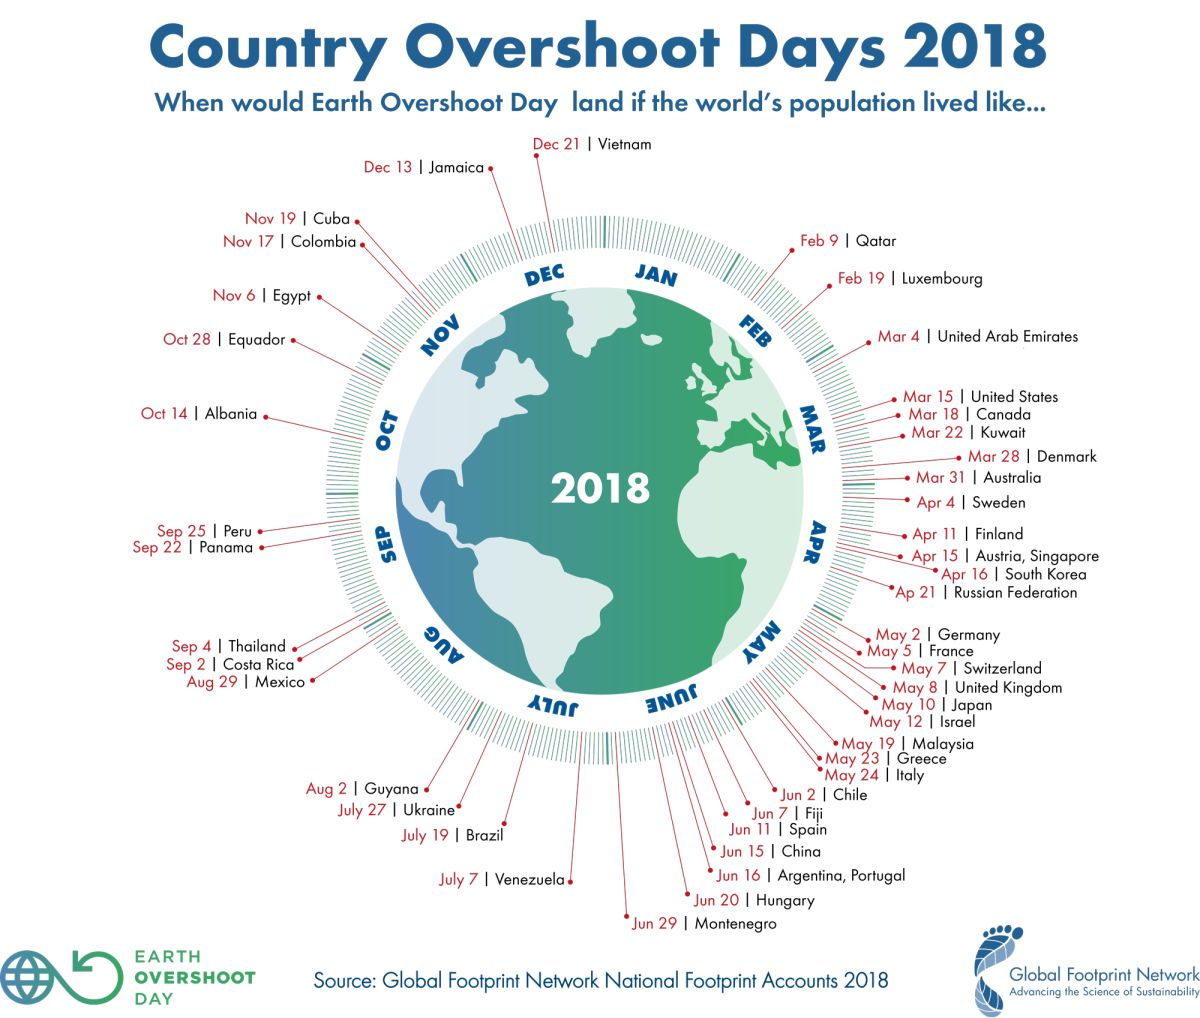 Túl a Túllövés Napja dátumán! | ClimeNews - Hírportál